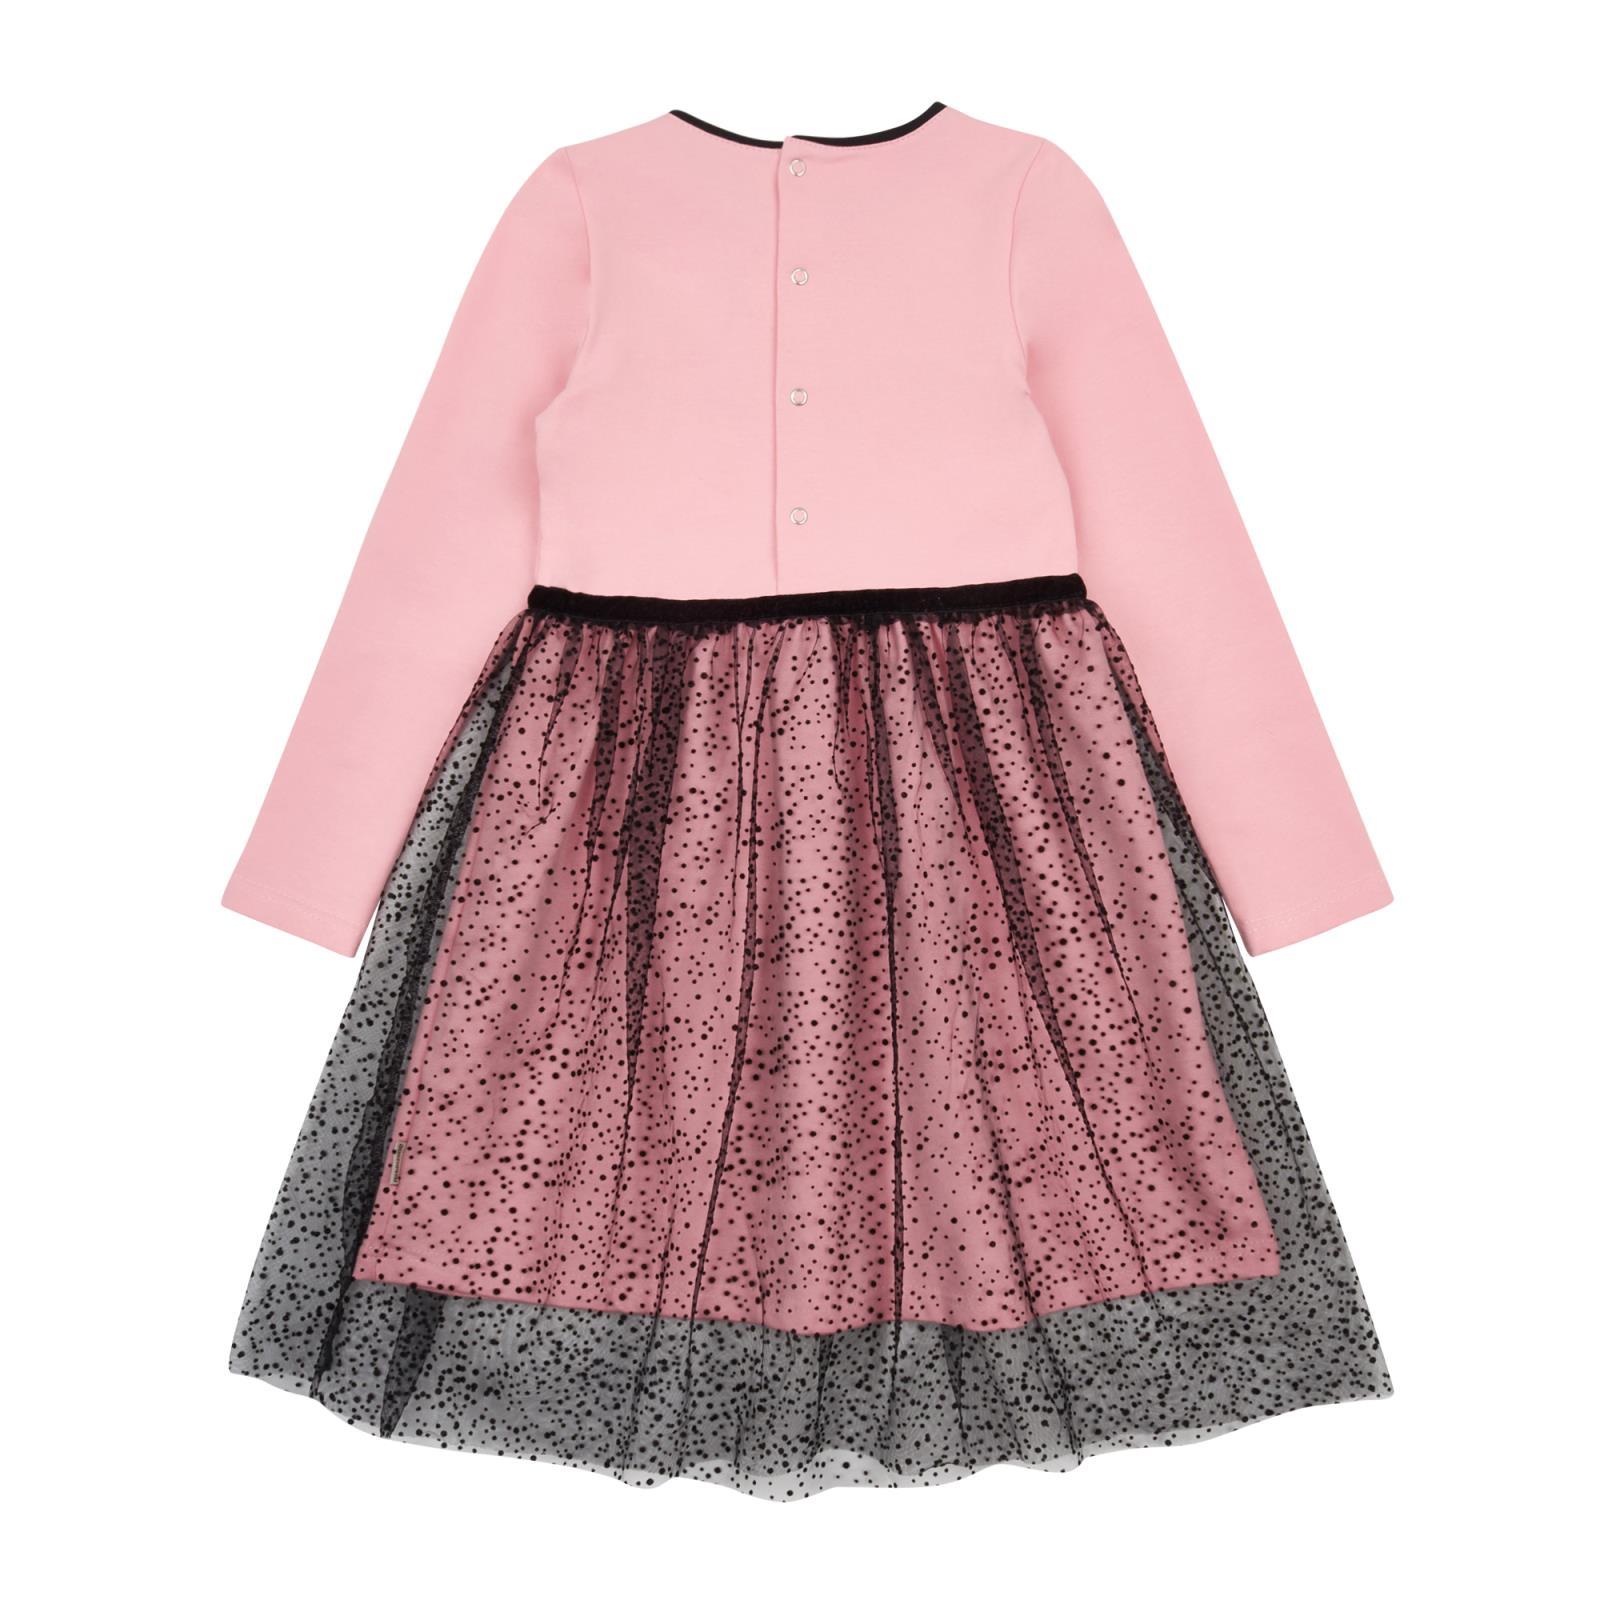 Robinzon Сукня дитячі модель 6MA~46090-5 відгуки, 2017